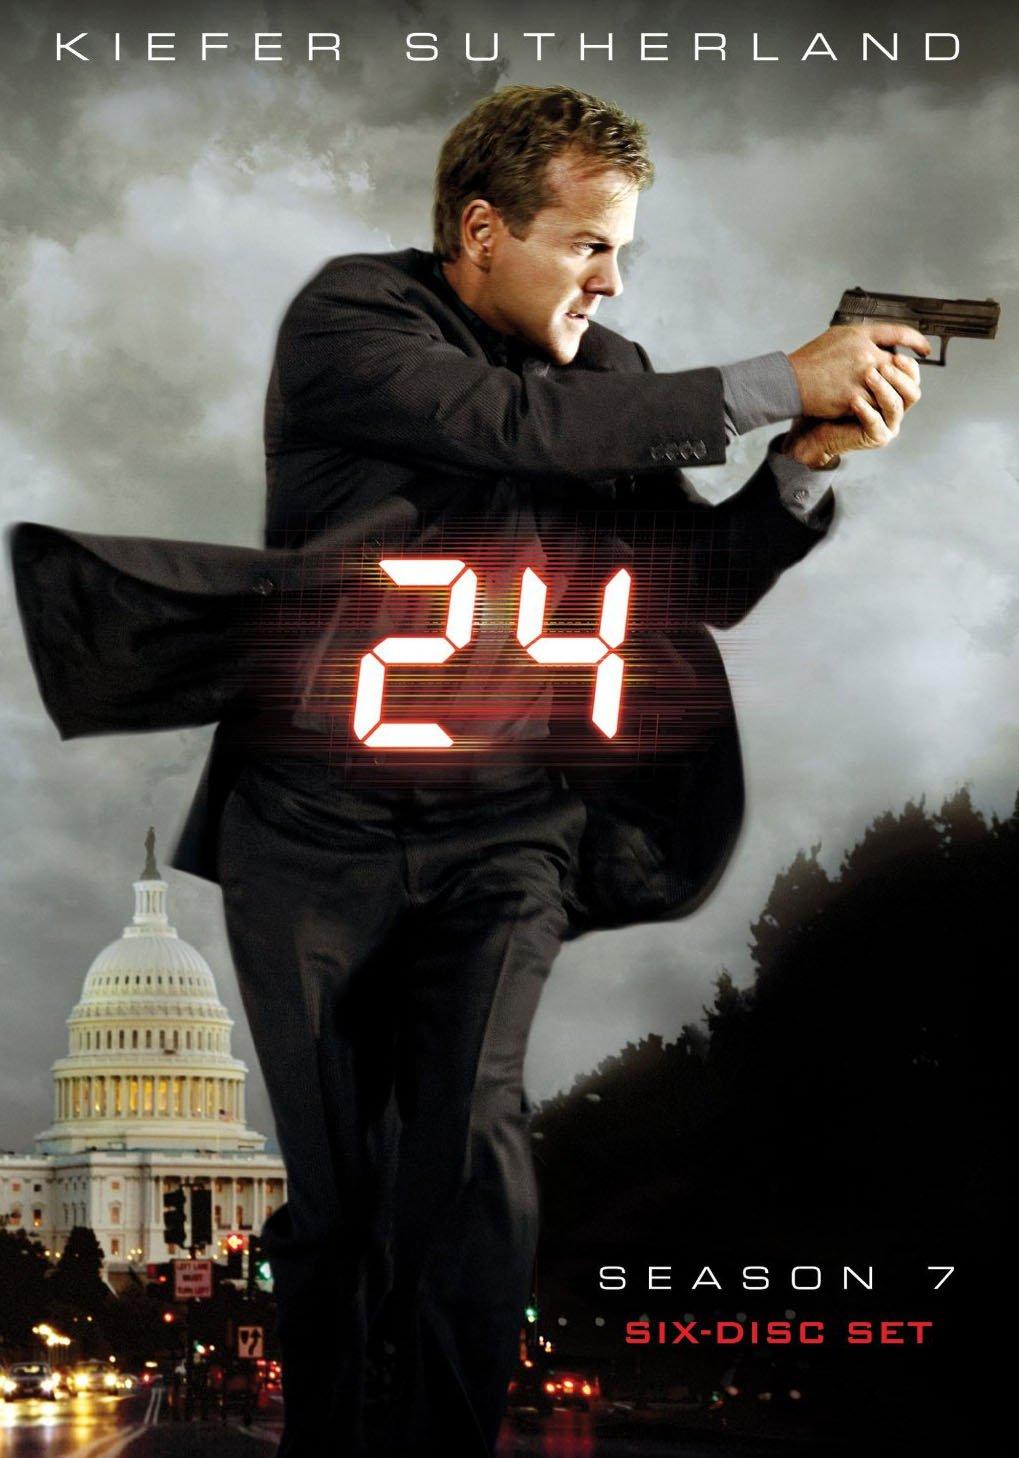 24 საათი სეზონი 7 / 24 Season 7